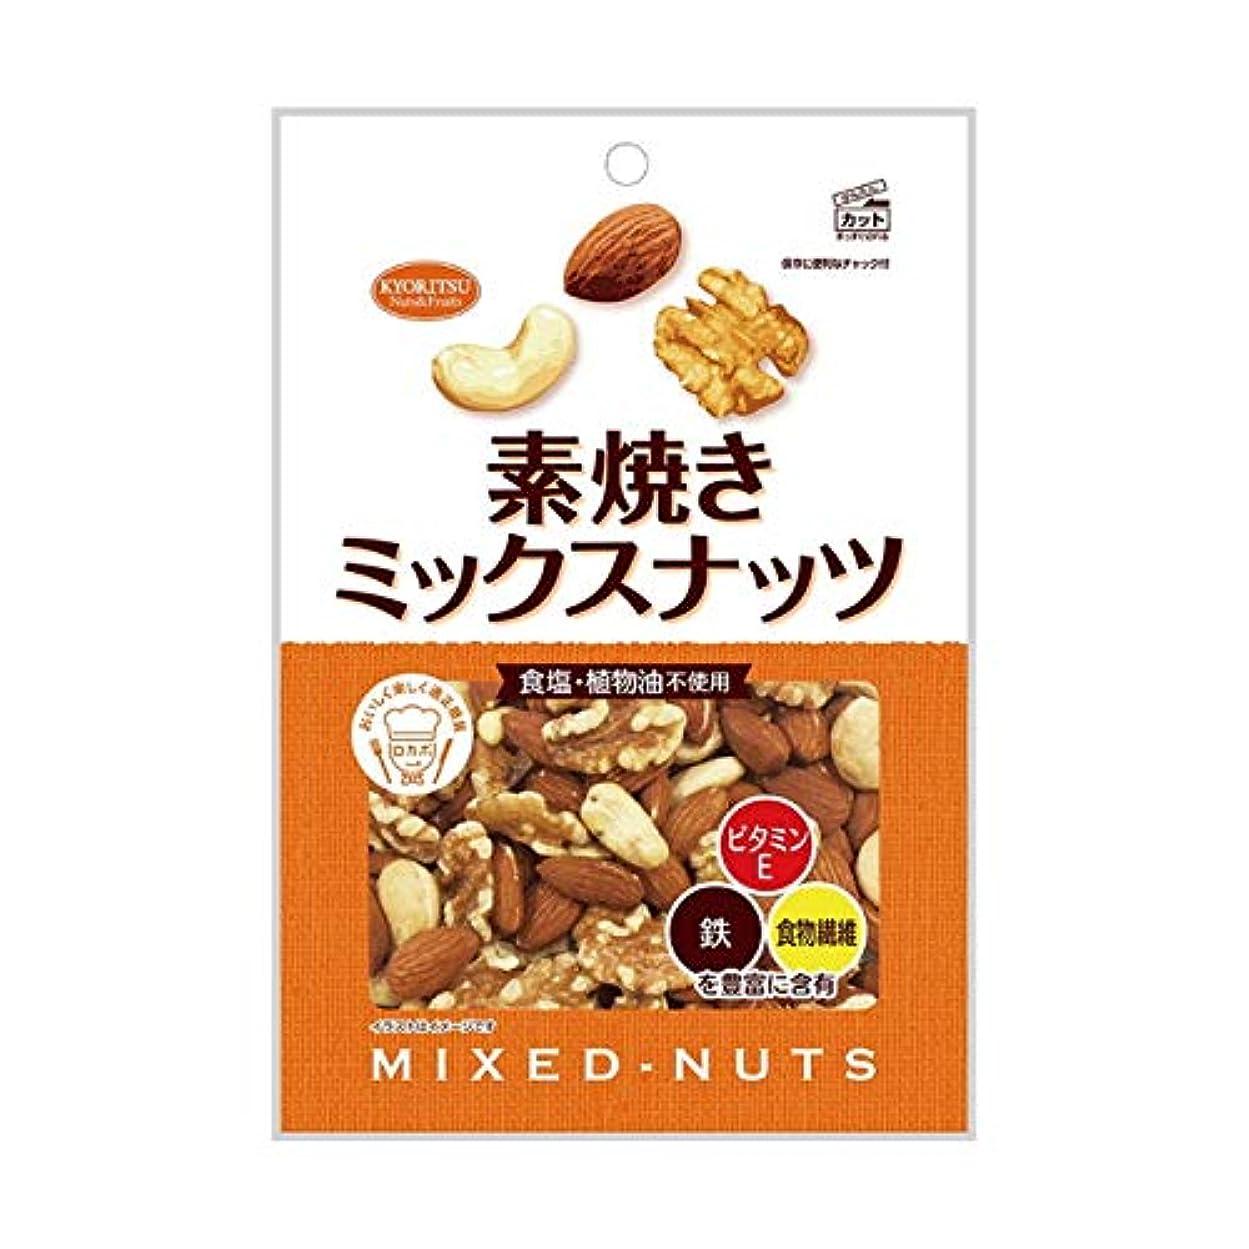 適応的ポータブル遮る◆共立 素焼きミックスナッツ 徳用 200g【6個セット】